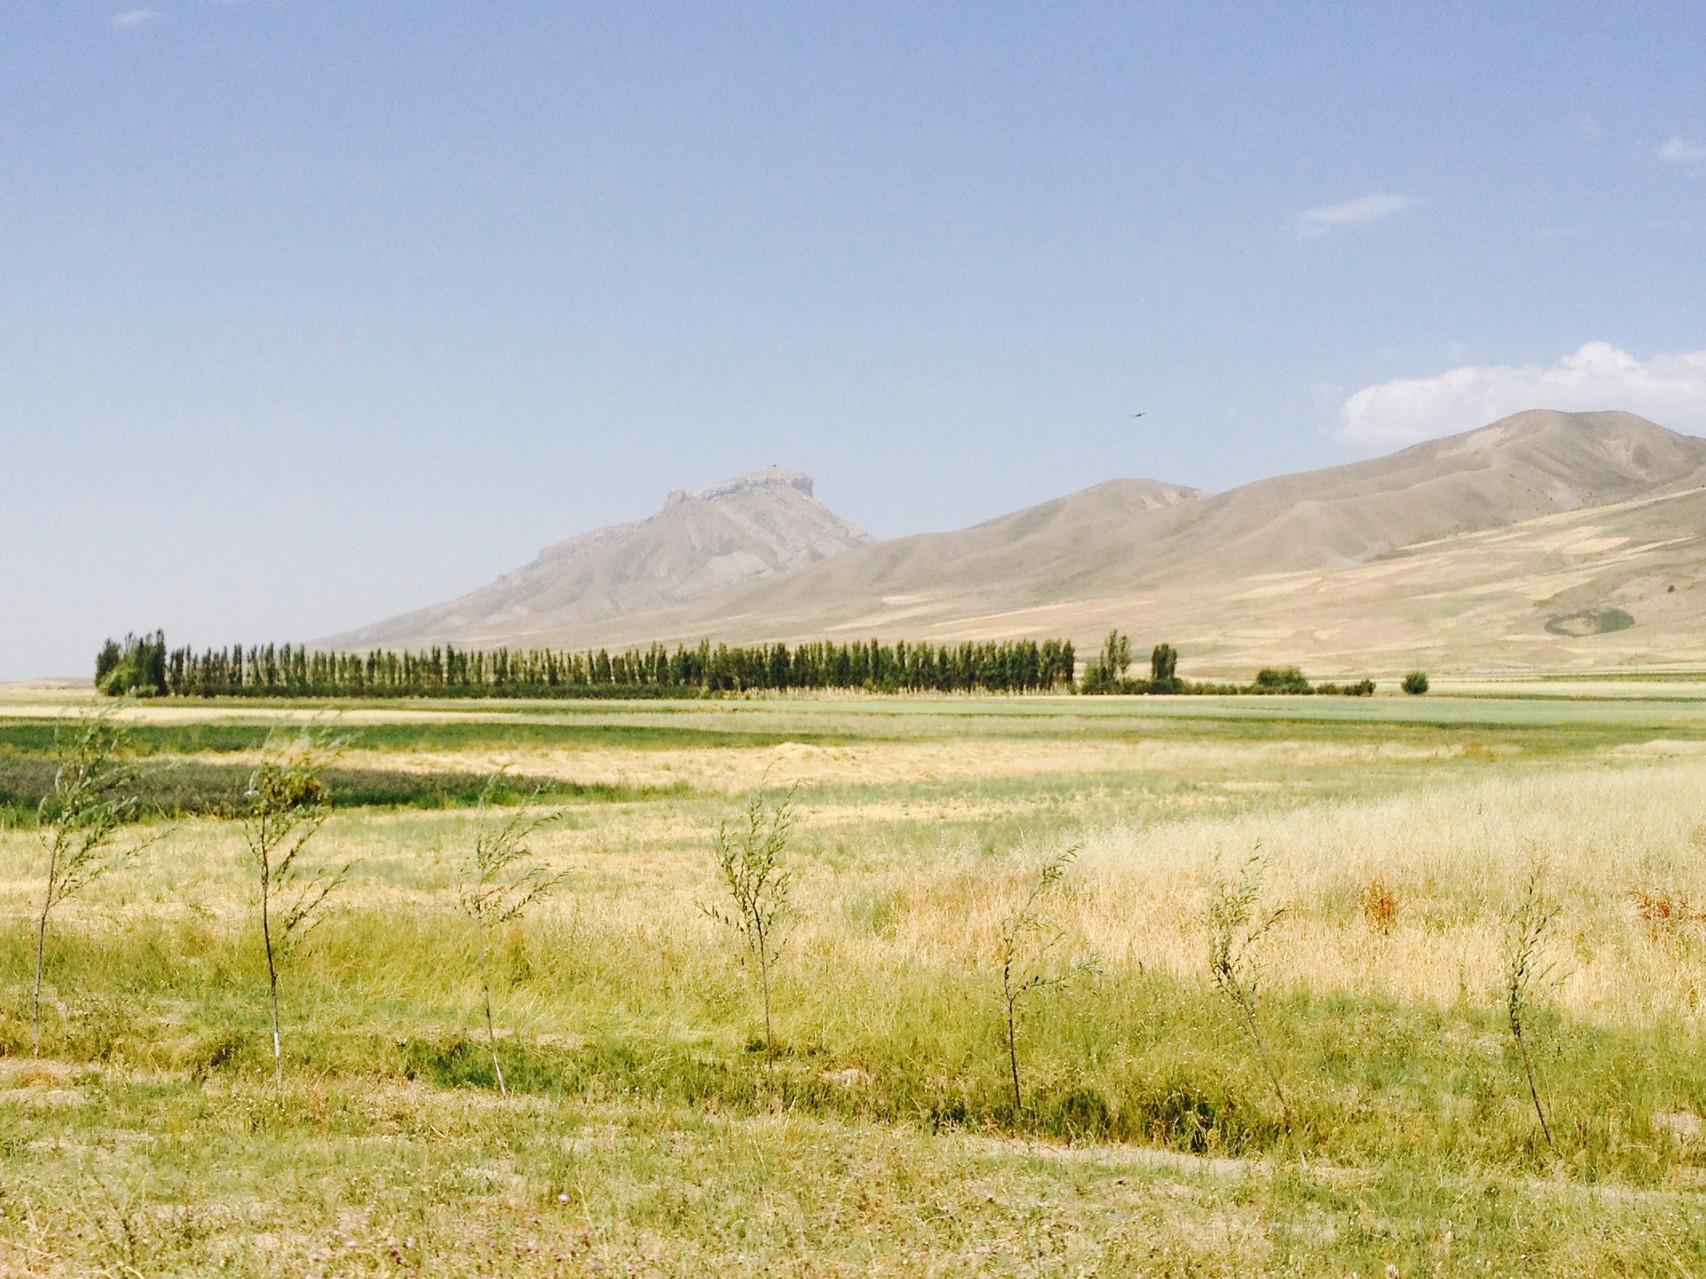 Wir verlassen nach 500km den Pamir, Richtung Duschanbe